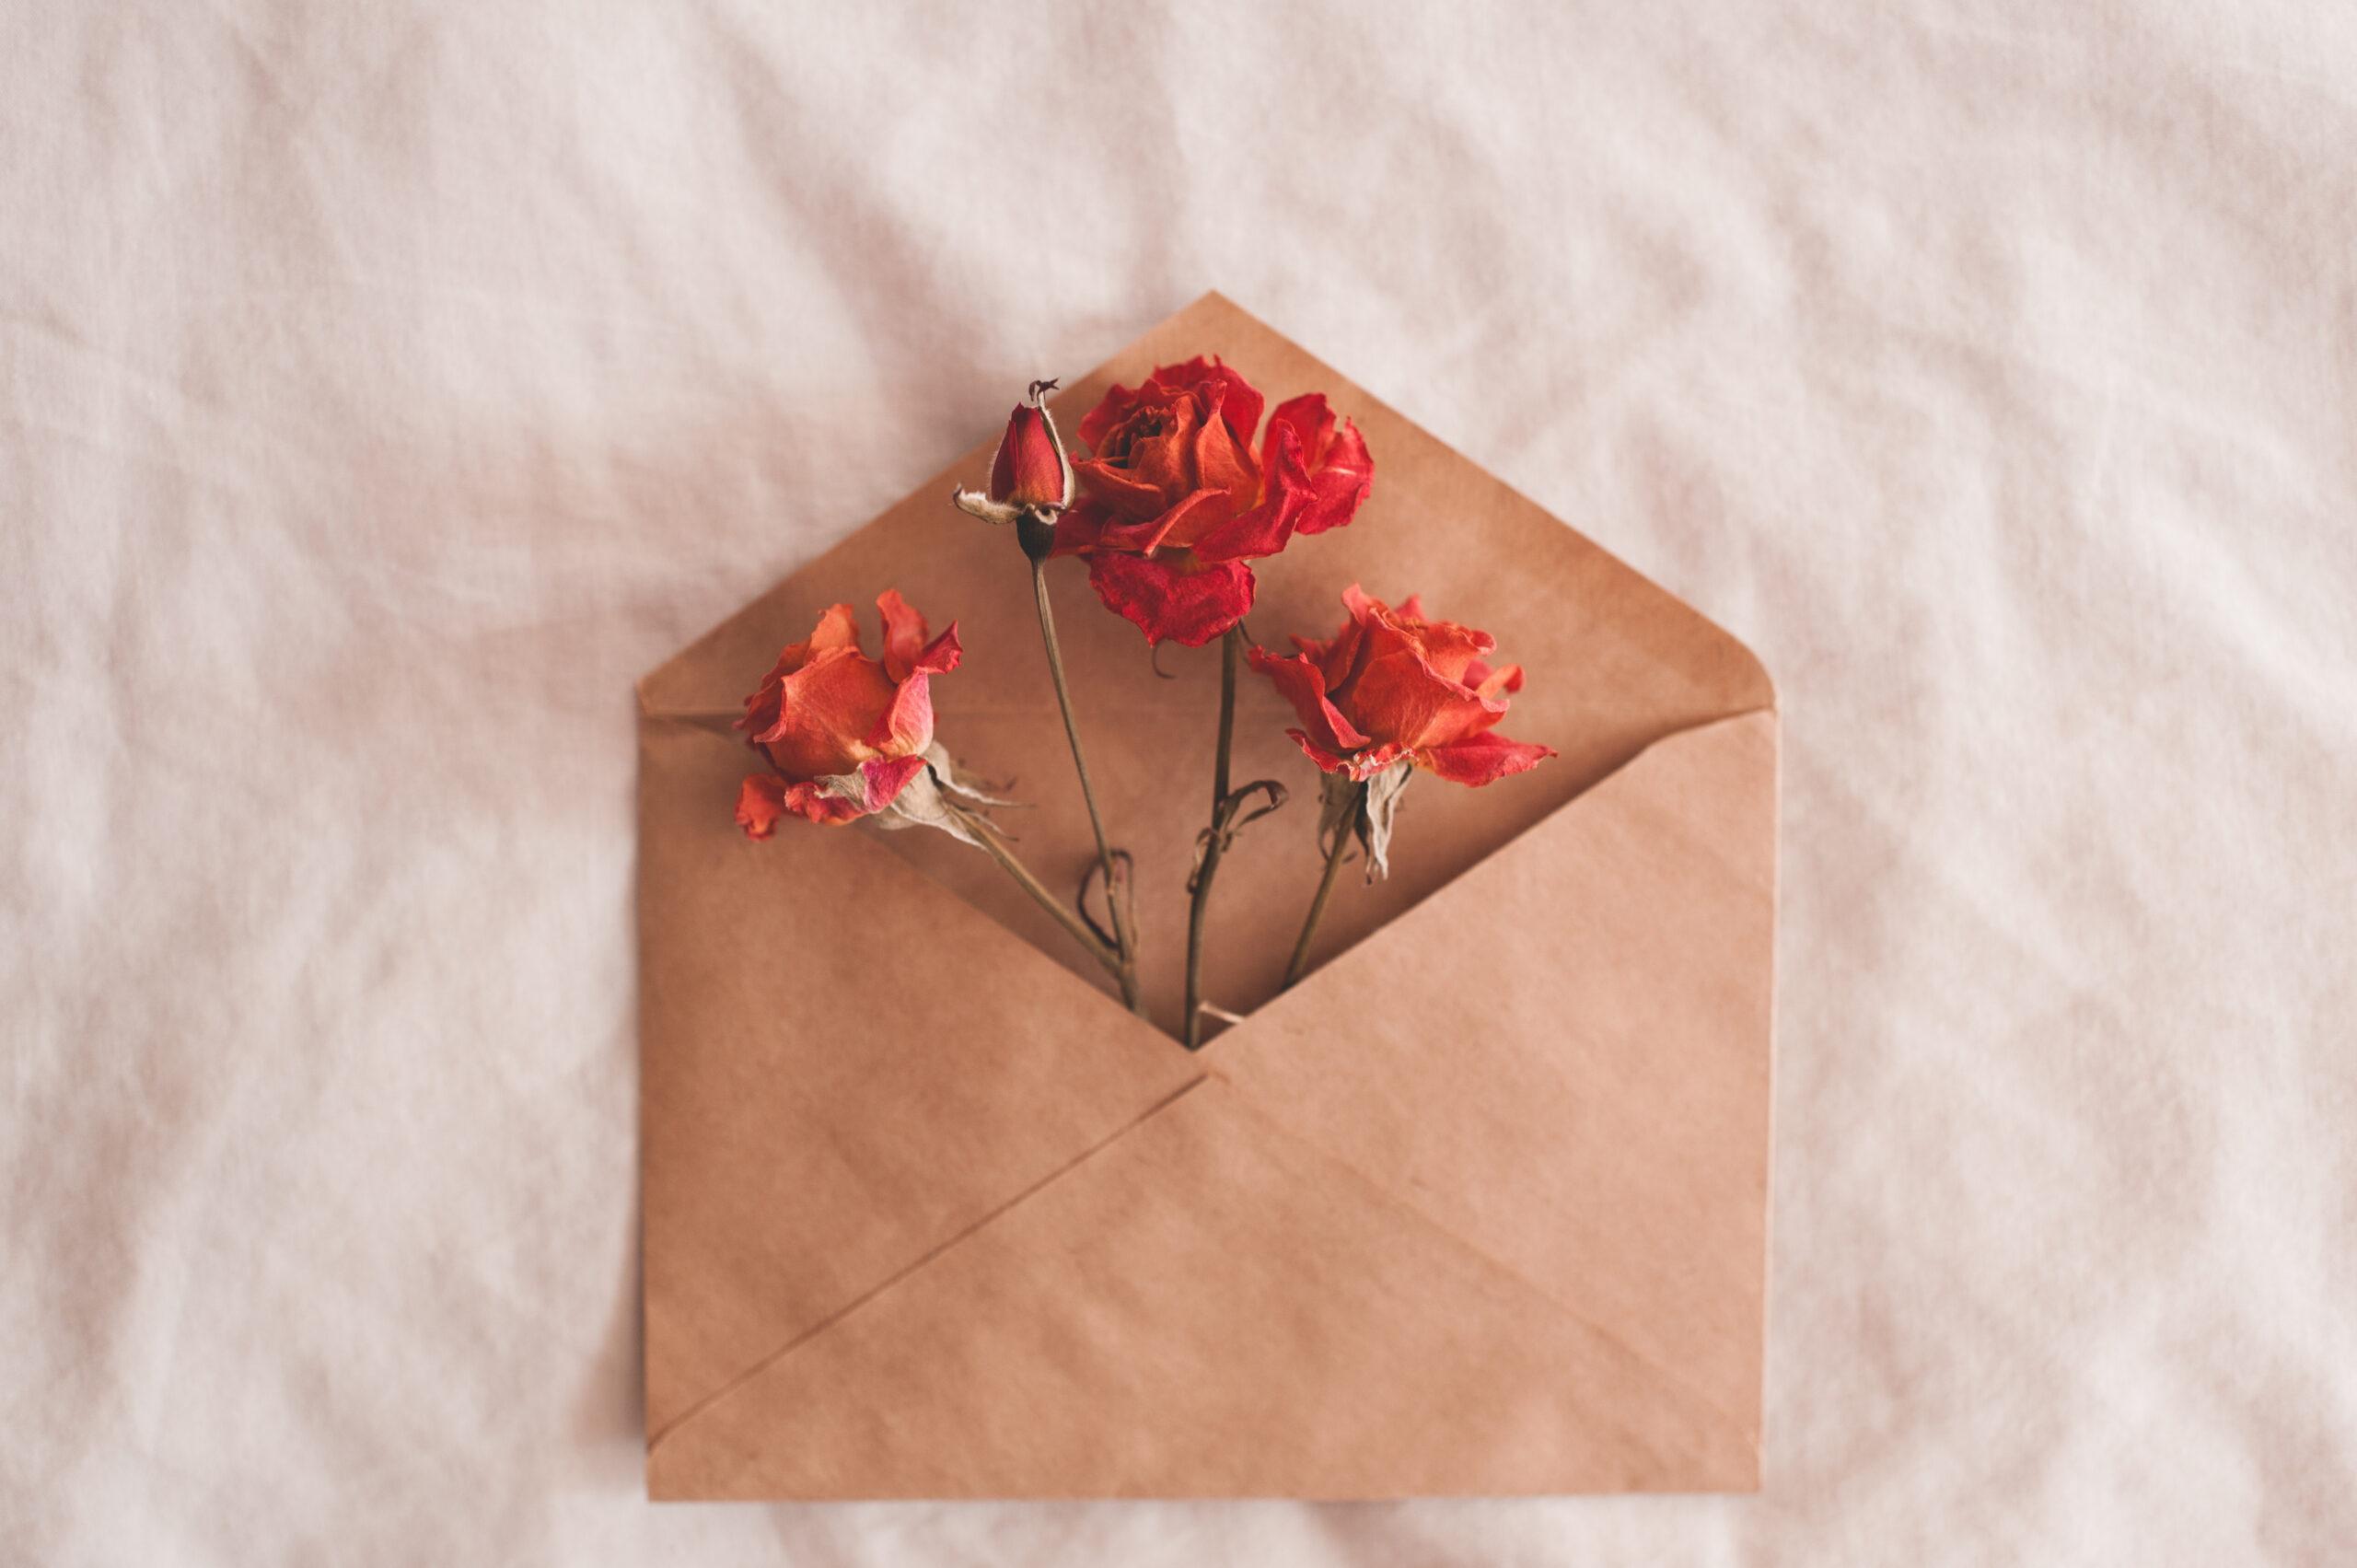 計画3:感謝の気持ちを込めた手紙を添えて